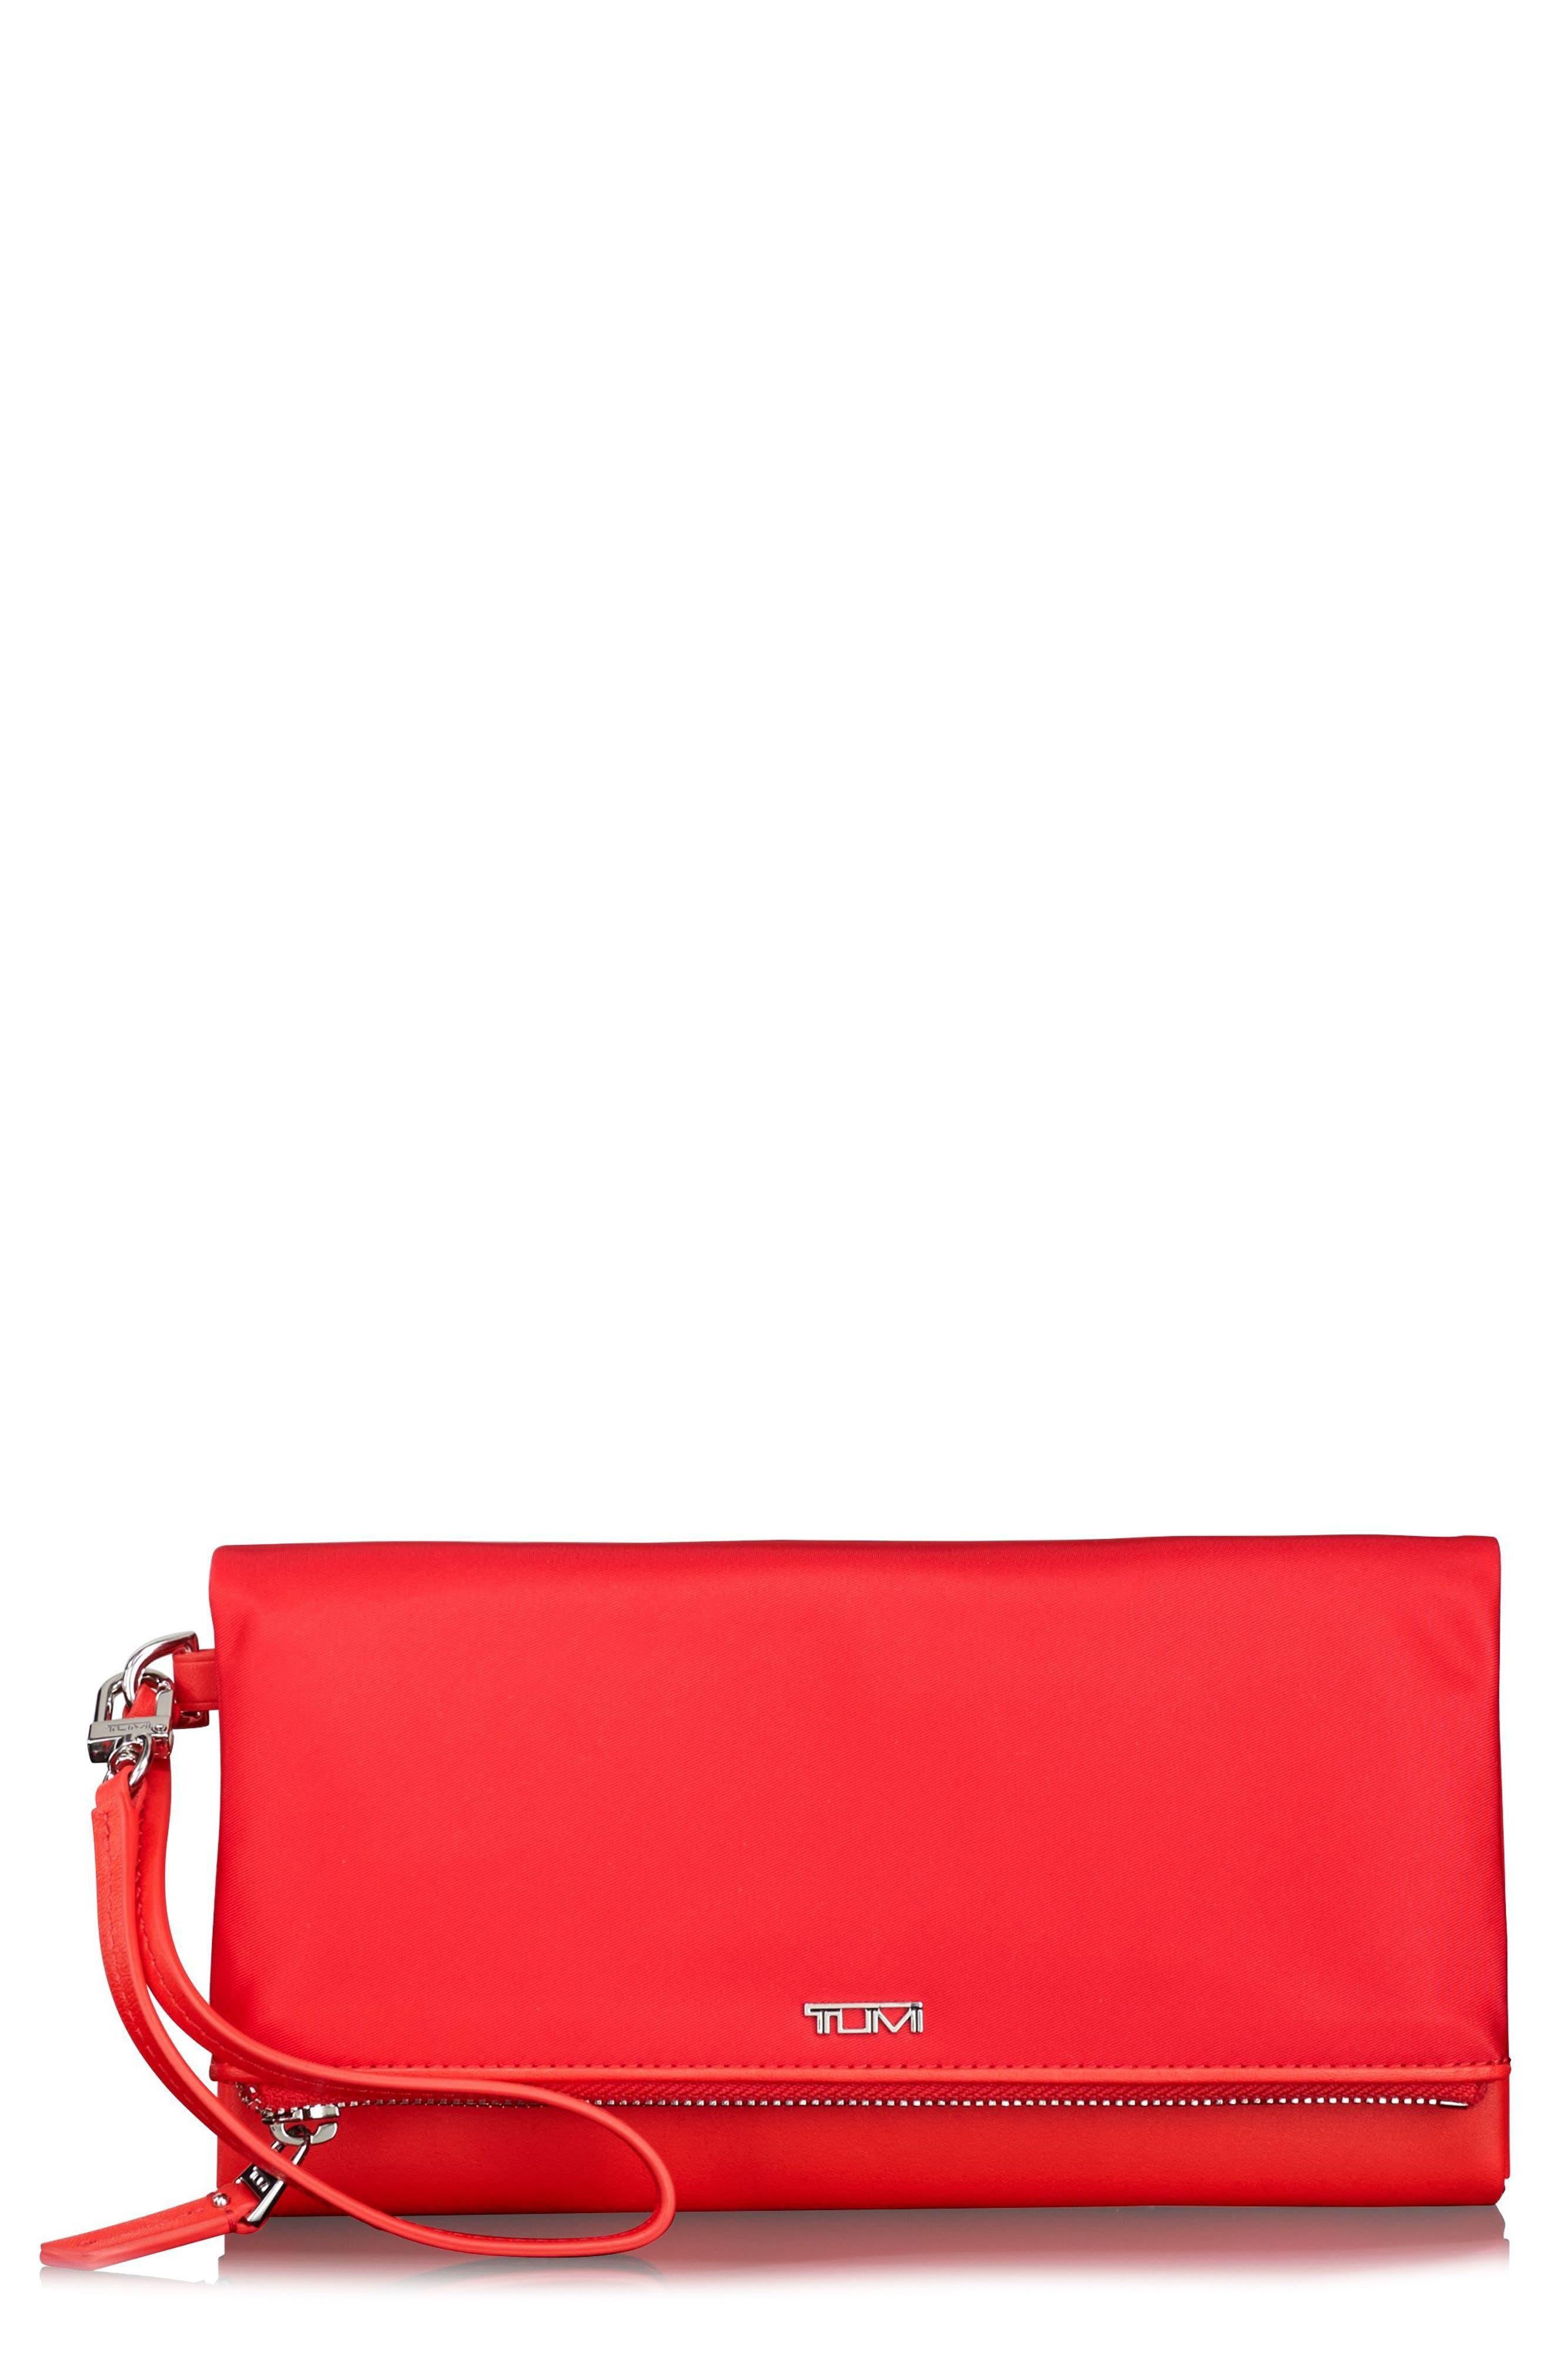 Main Image - Tumi Travel Flap Wallet